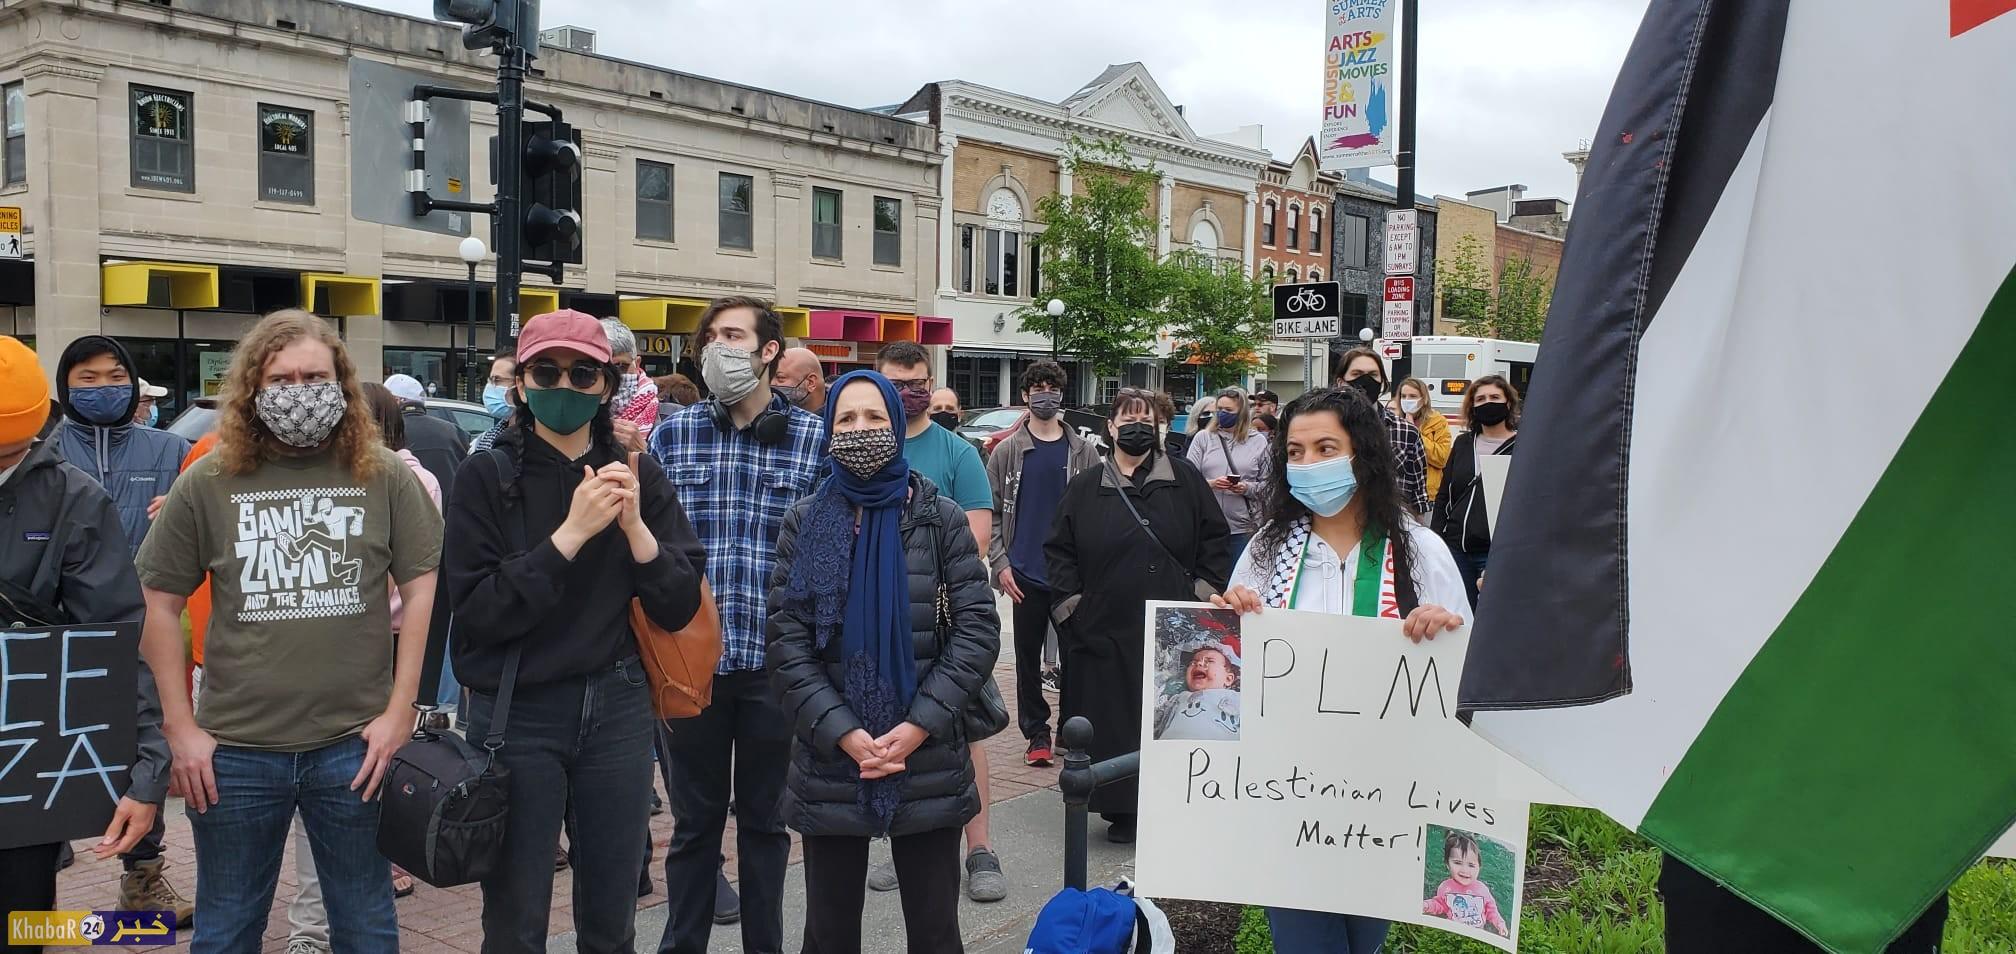 """مظاهرتانفي ولايتي """"ايوا"""" و""""كاليفورنيا"""" الامريكيتين تضامنا مع الشعب الفلسطيني واستنكارا لجرائم الاحتلال"""